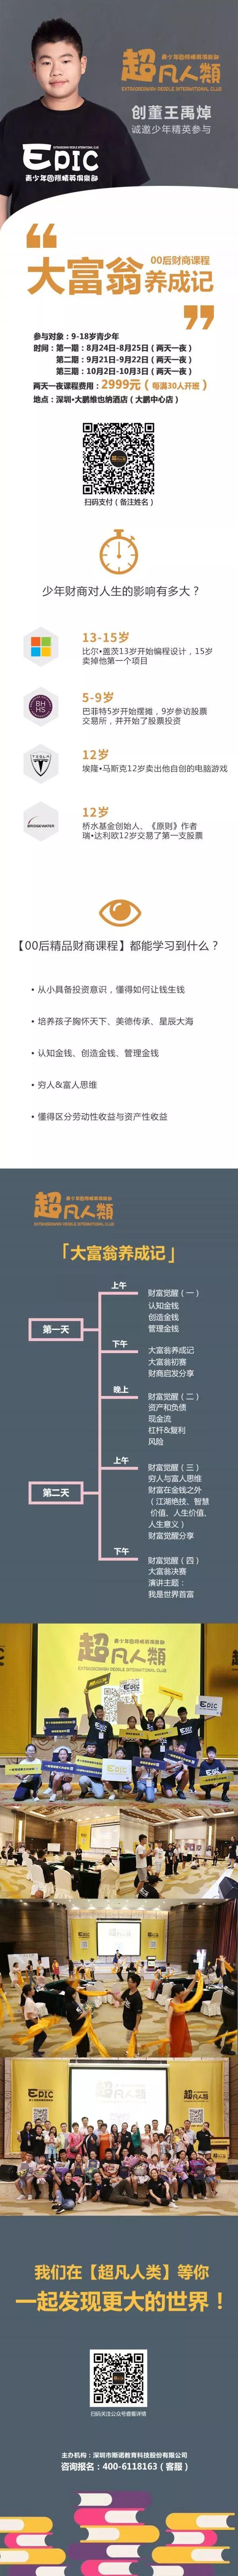 8岁超凡演讲者唐菁遥:不要等待机会,而要创造机会插图(5)